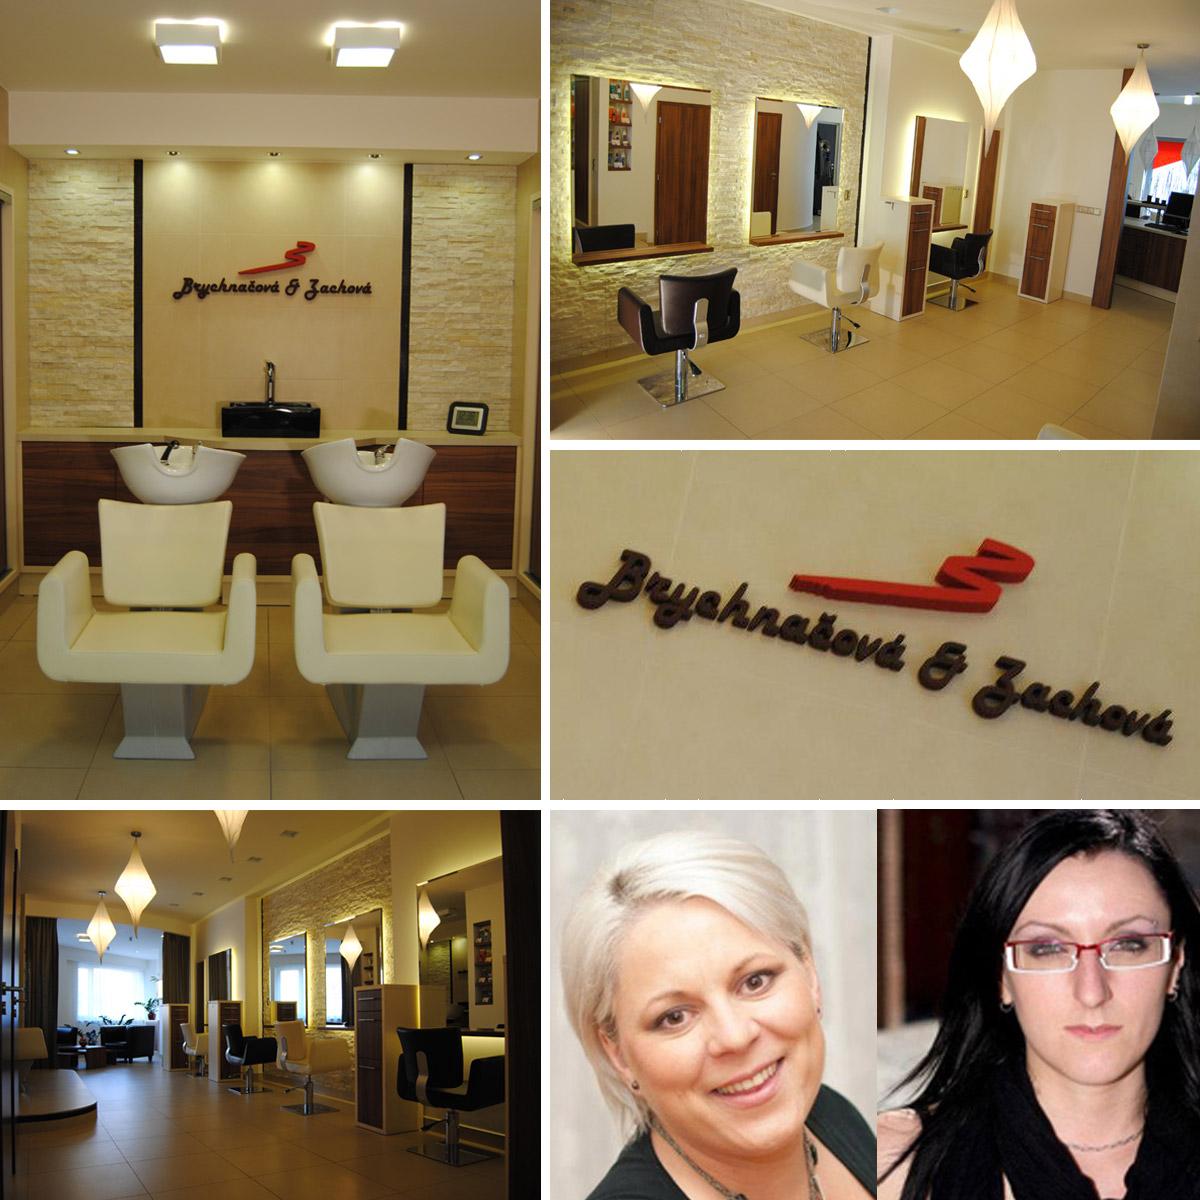 Seznamte se s brněnským kadeřnickým salónem Brychnačová&Zachová